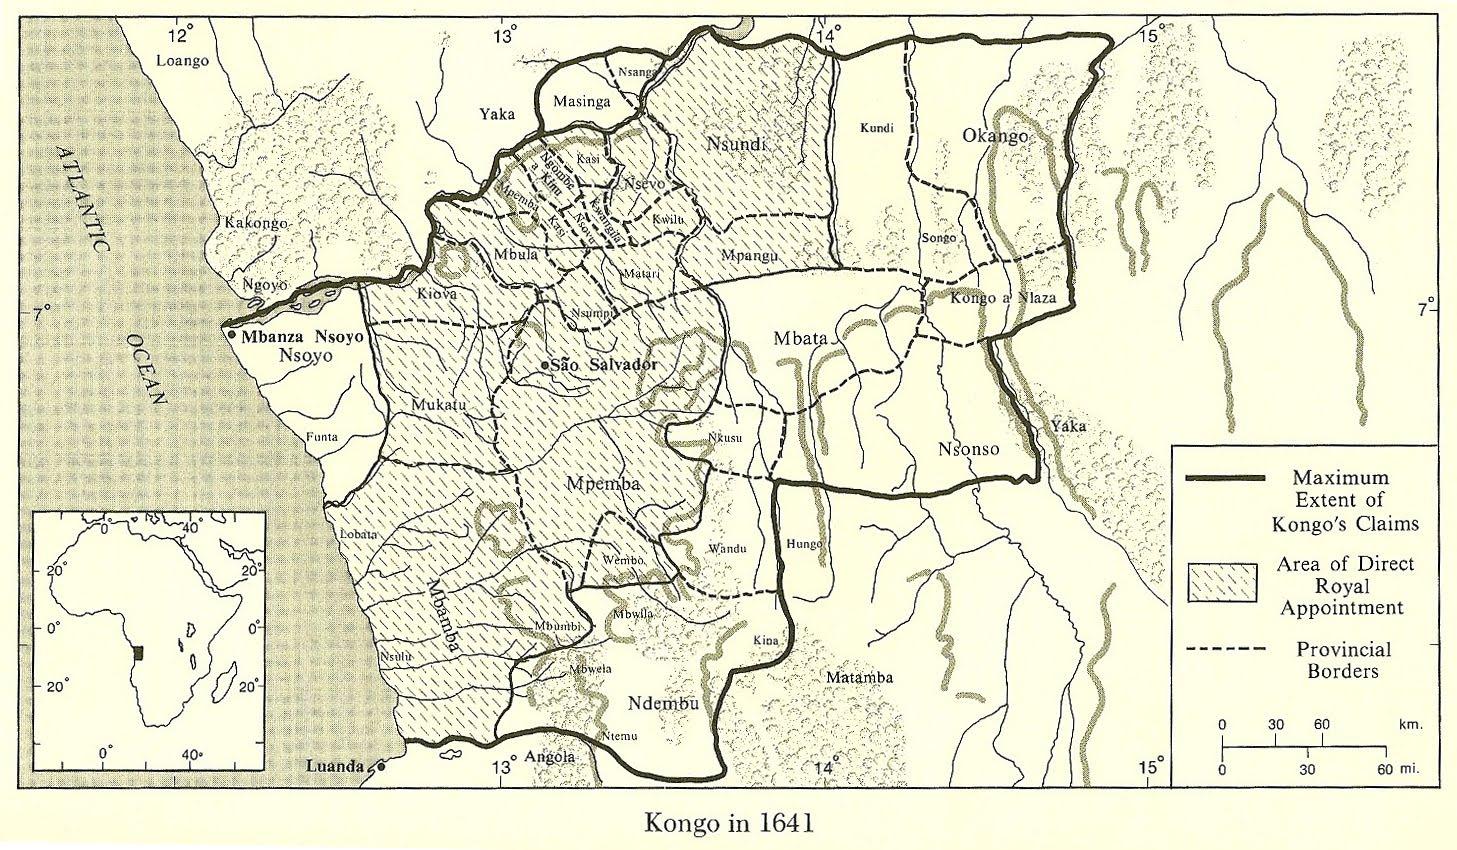 MAPA DO KONGO 1641